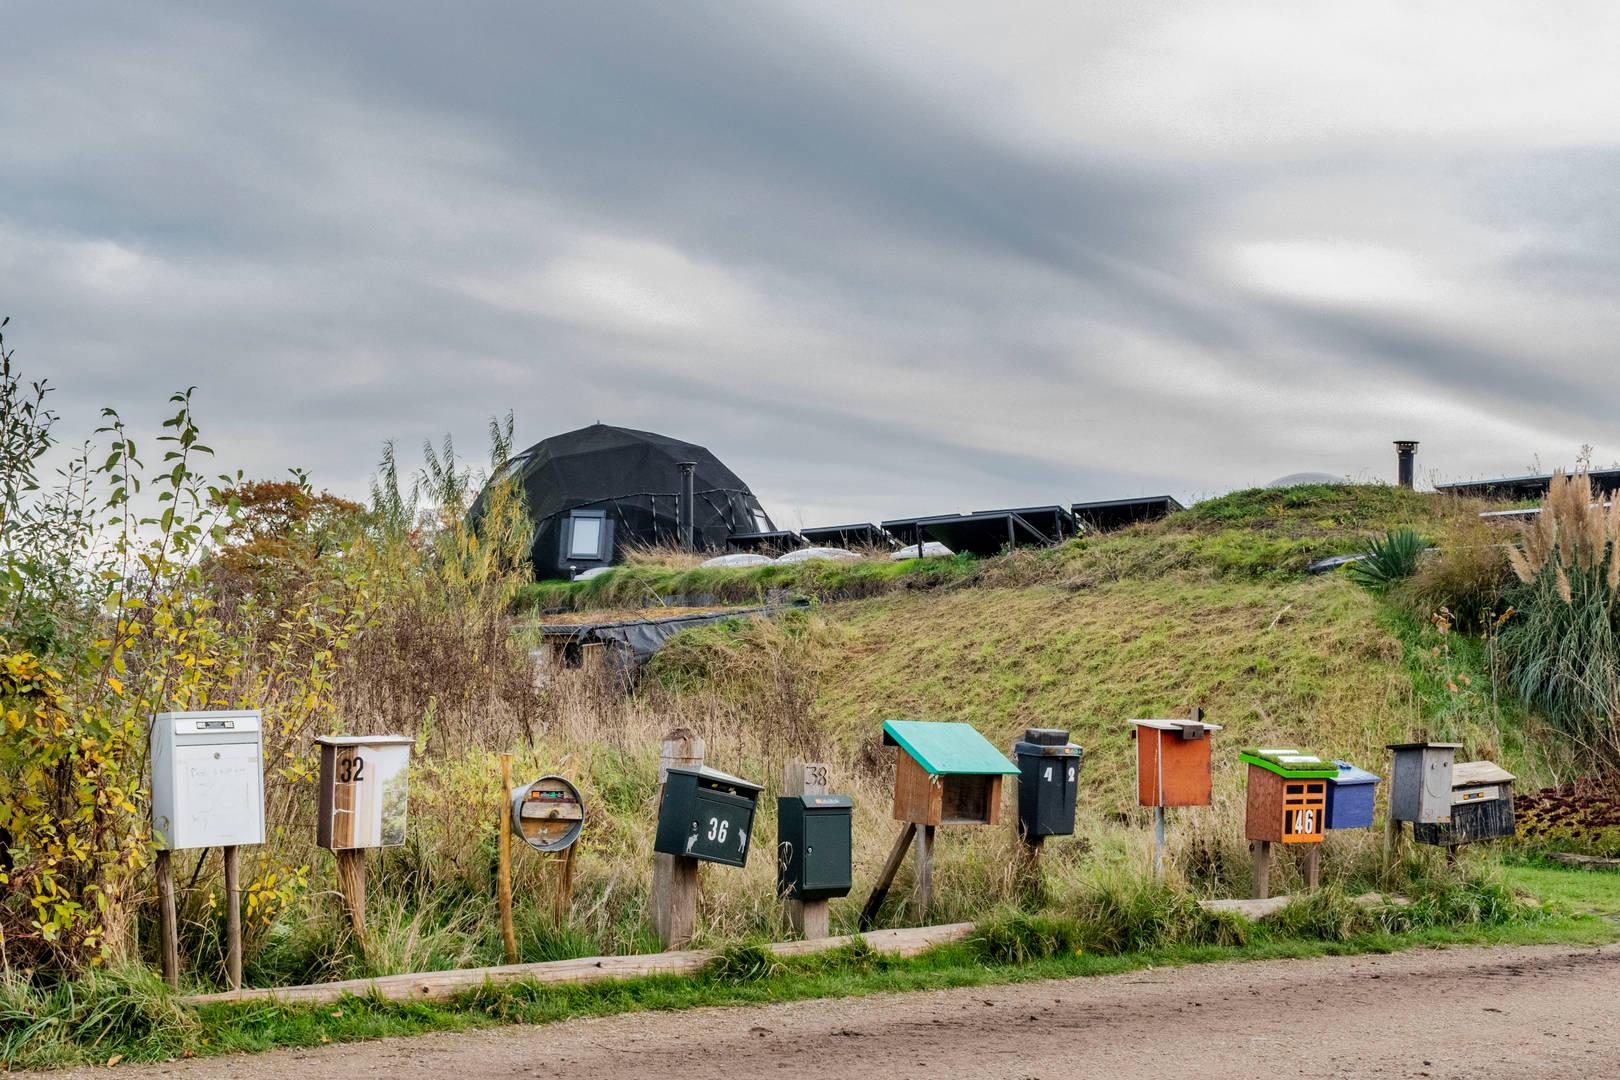 NZ-14112019-Aardehuizen Olst-01.jpg